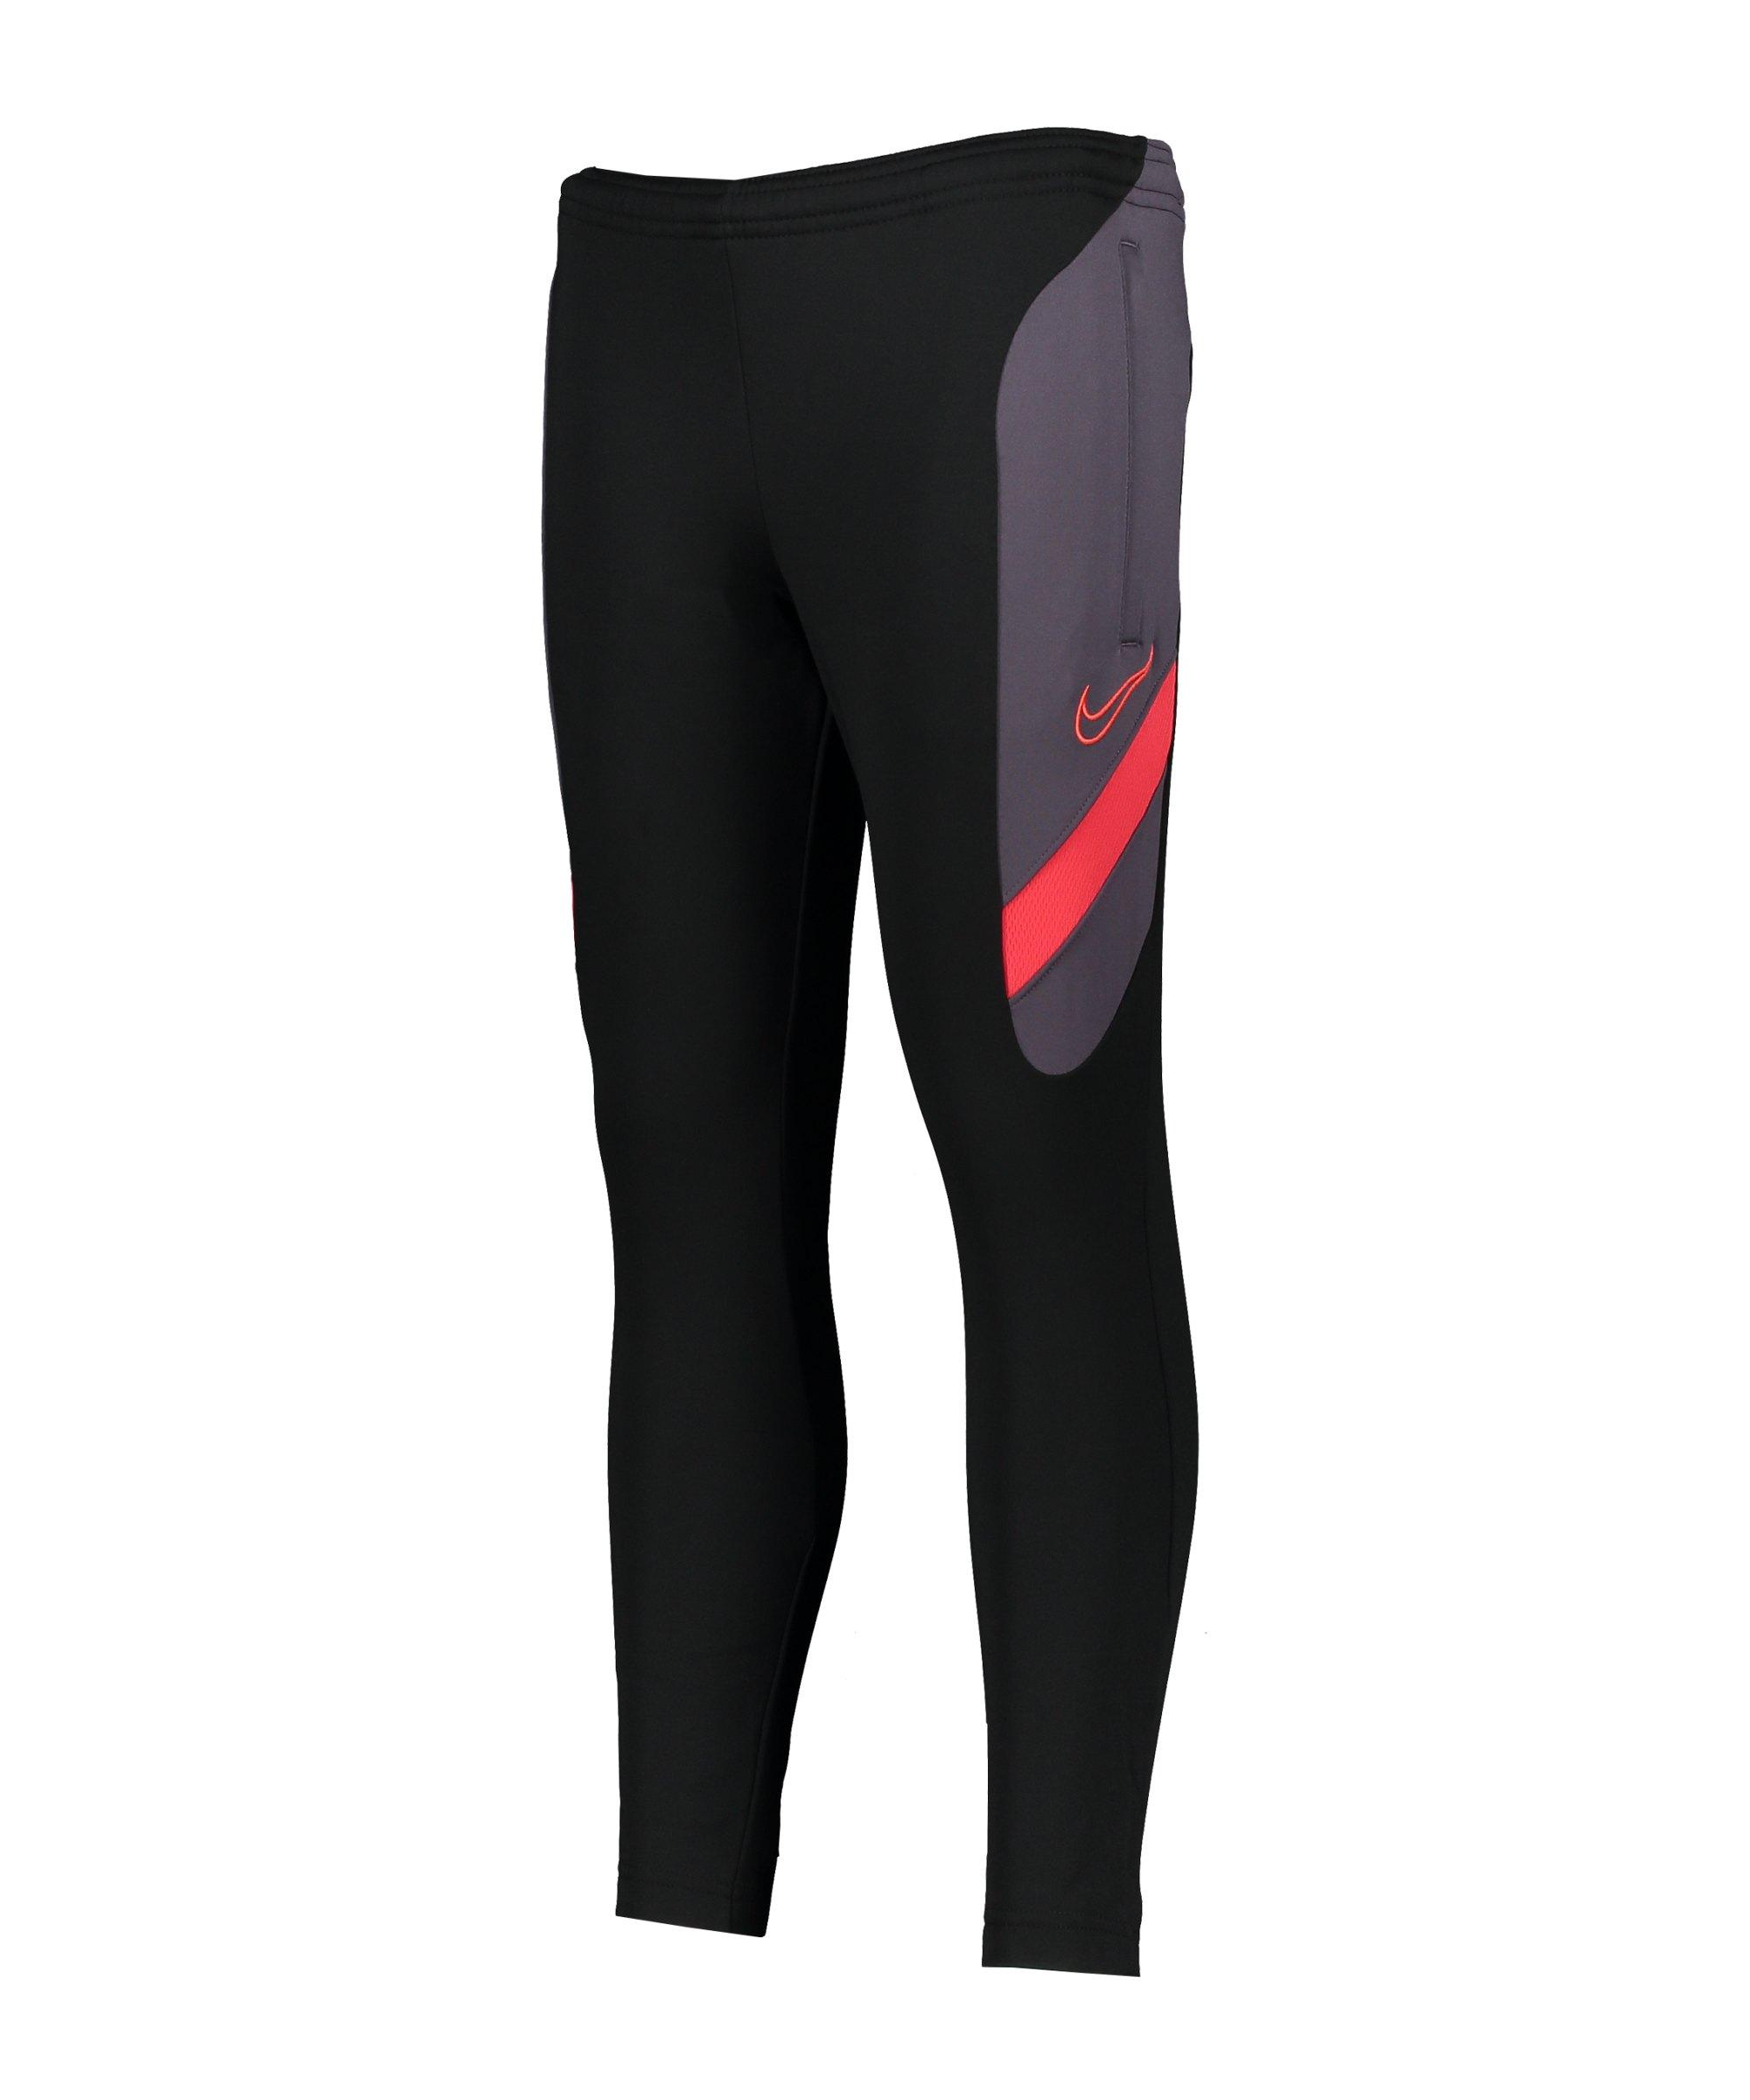 Nike Dry Academy Trainingshose Kids Schwarz F015 - schwarz